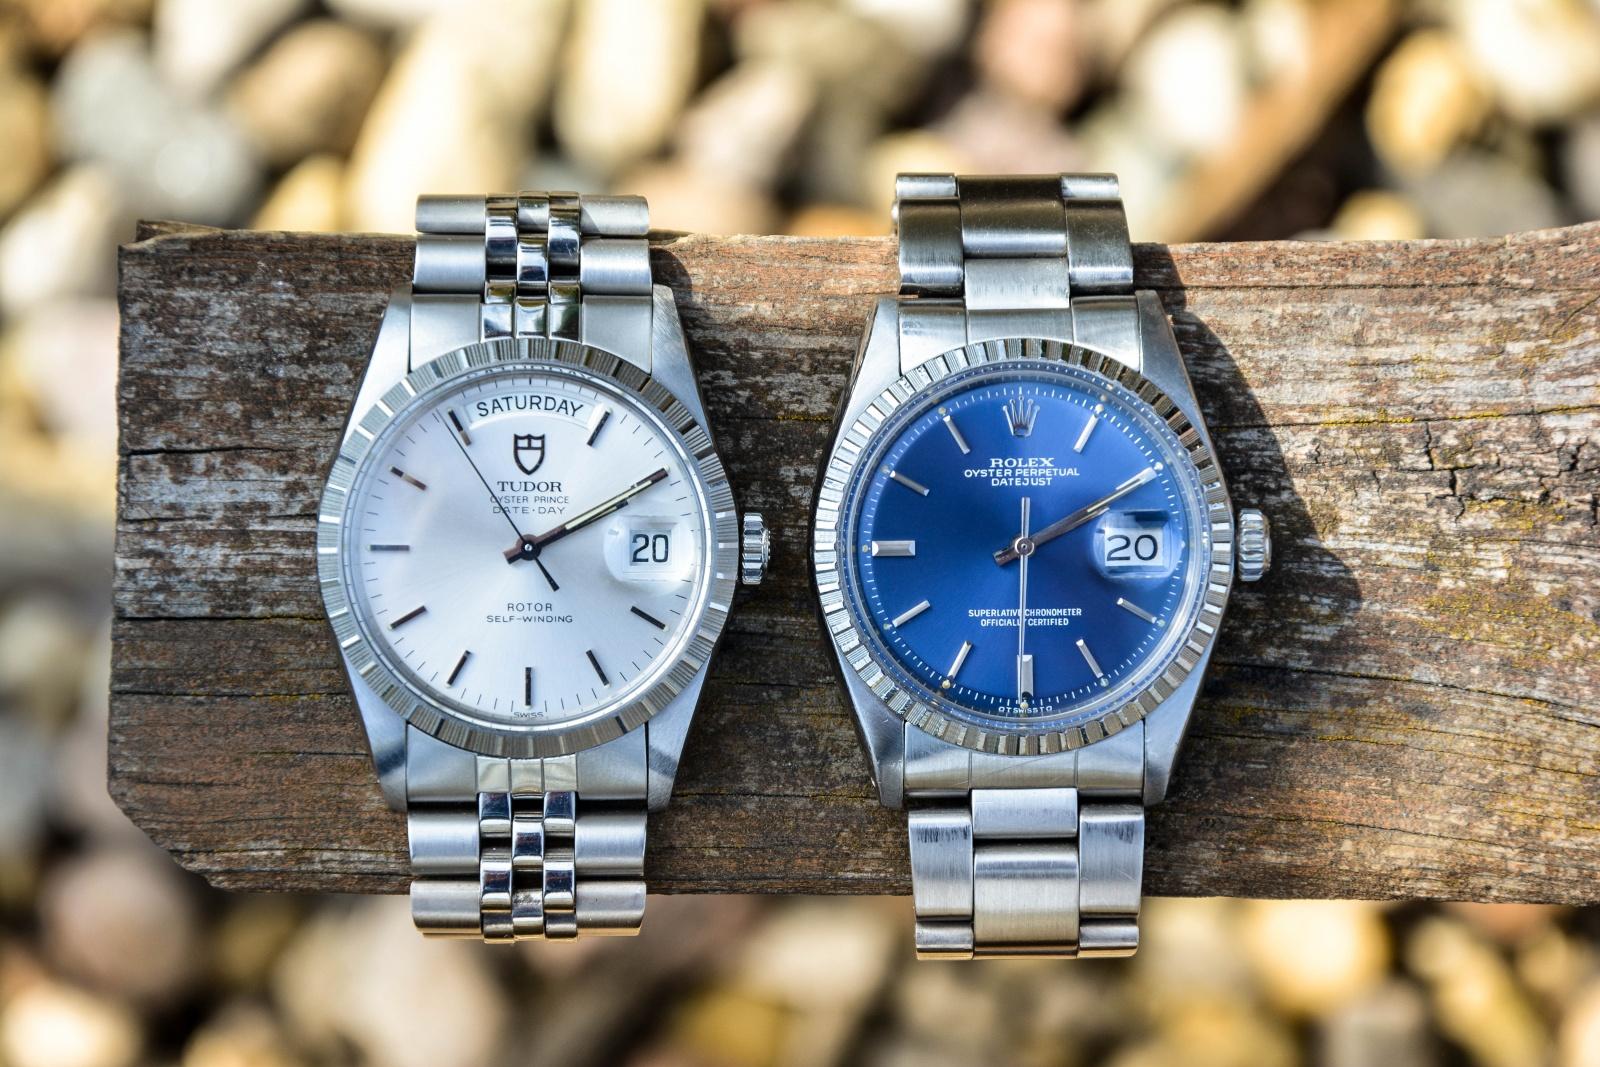 Tudor ref. 94510 + Rolex ref. 1603